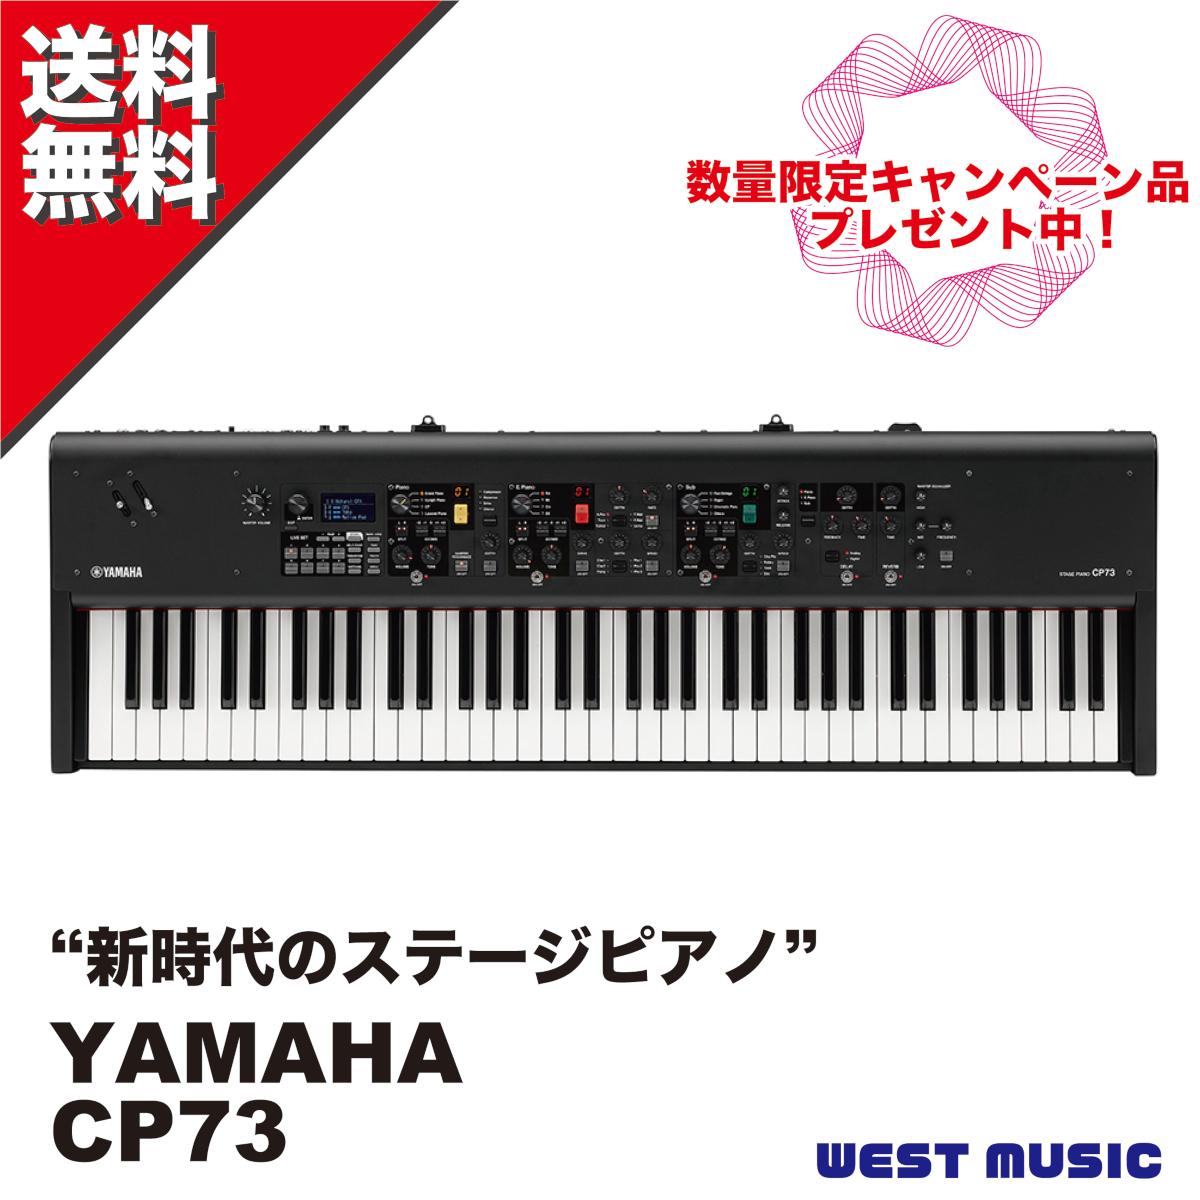 【送料無料】【発売記念キャンペーン中♪】YAMAHA CP73 ステージピアノ ヤマハ ピアノタッチ 73鍵モデル 【新商品】